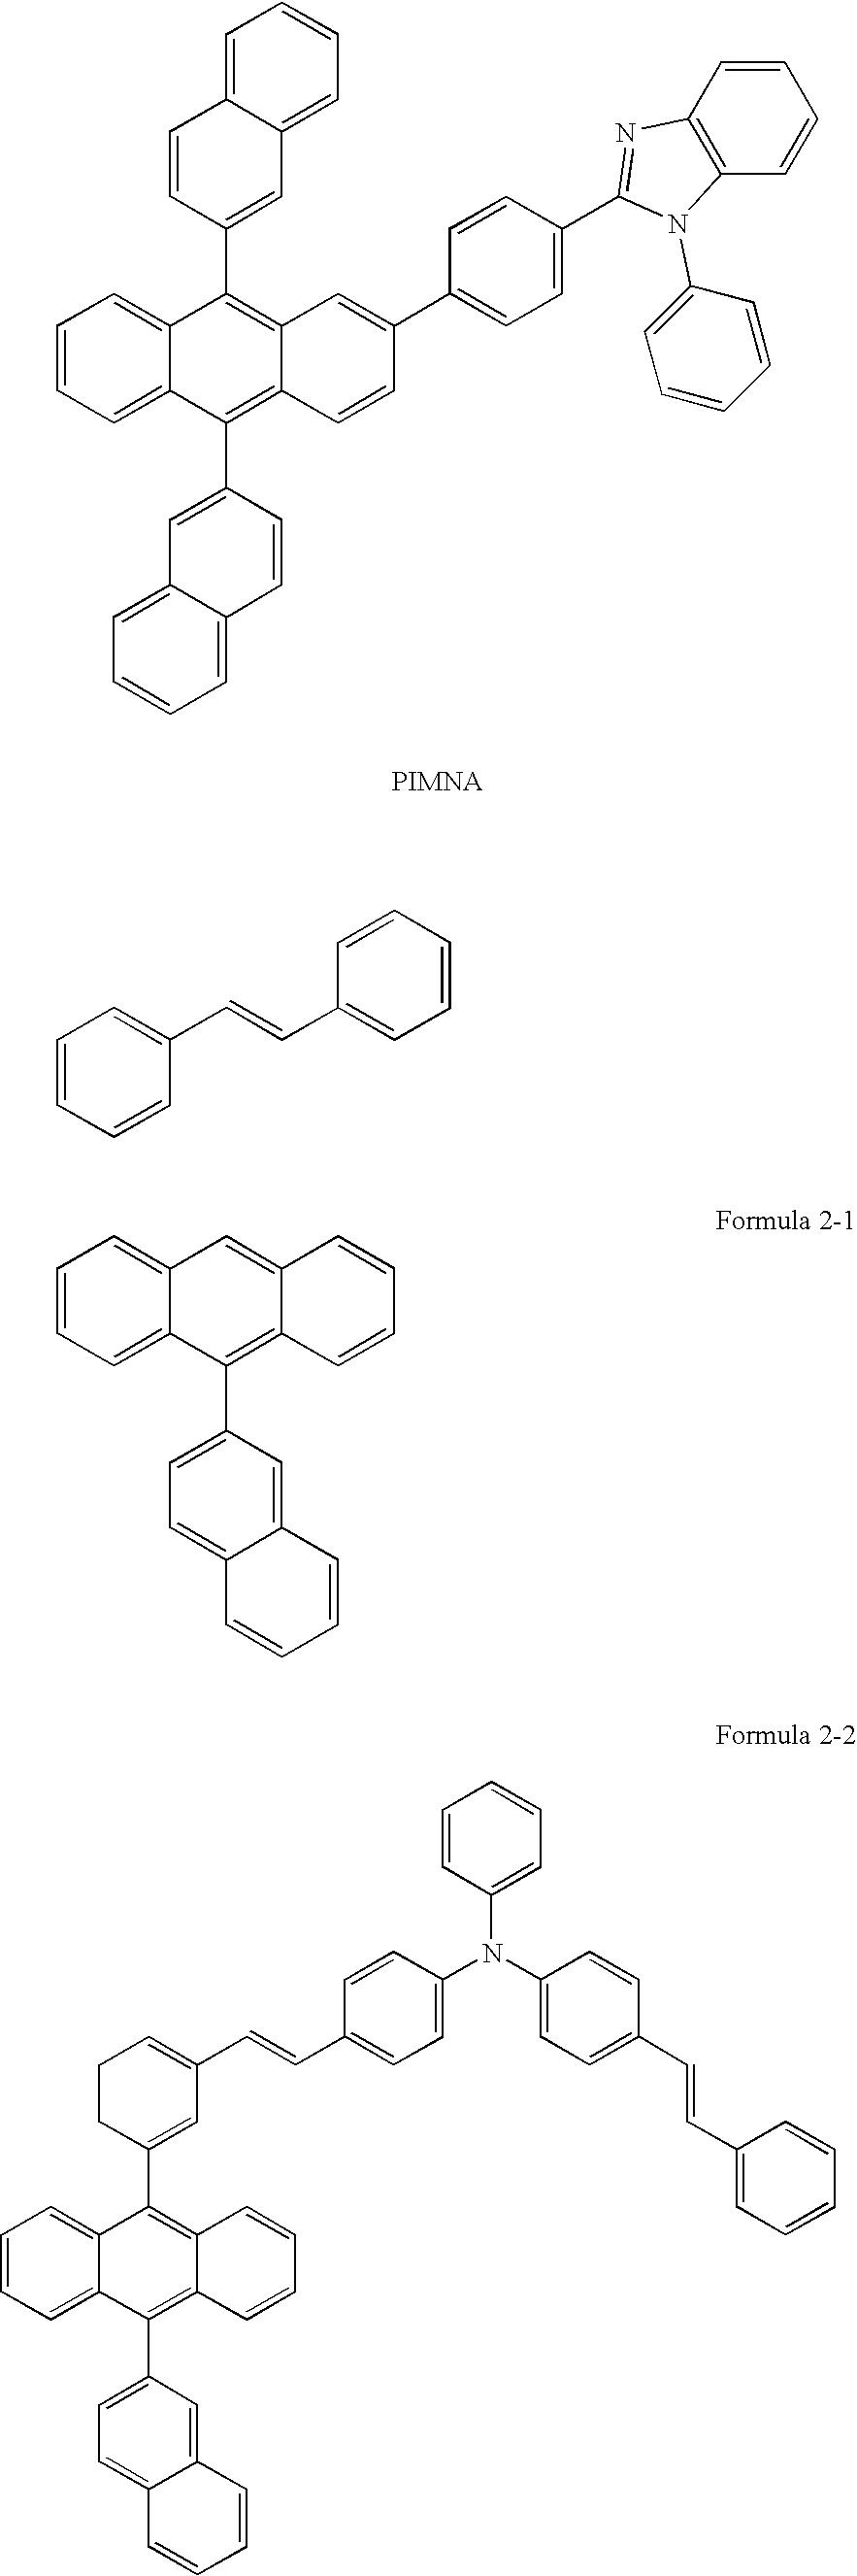 Figure US20090009101A1-20090108-C00007